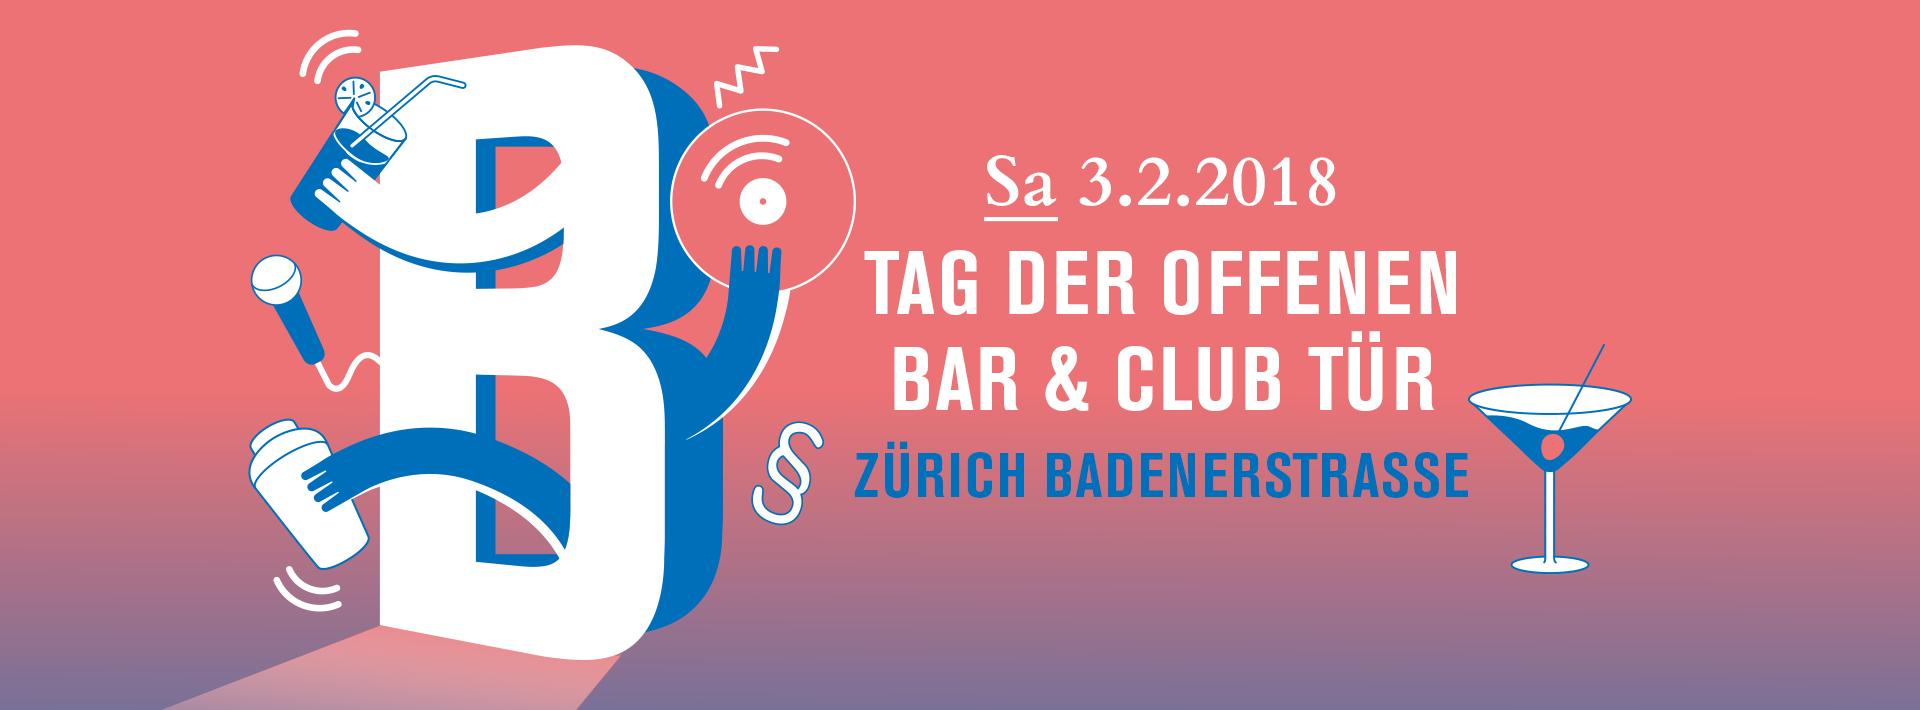 6. Tag der offenen Bar und Club Tür in Zürich/Badenerstrasse